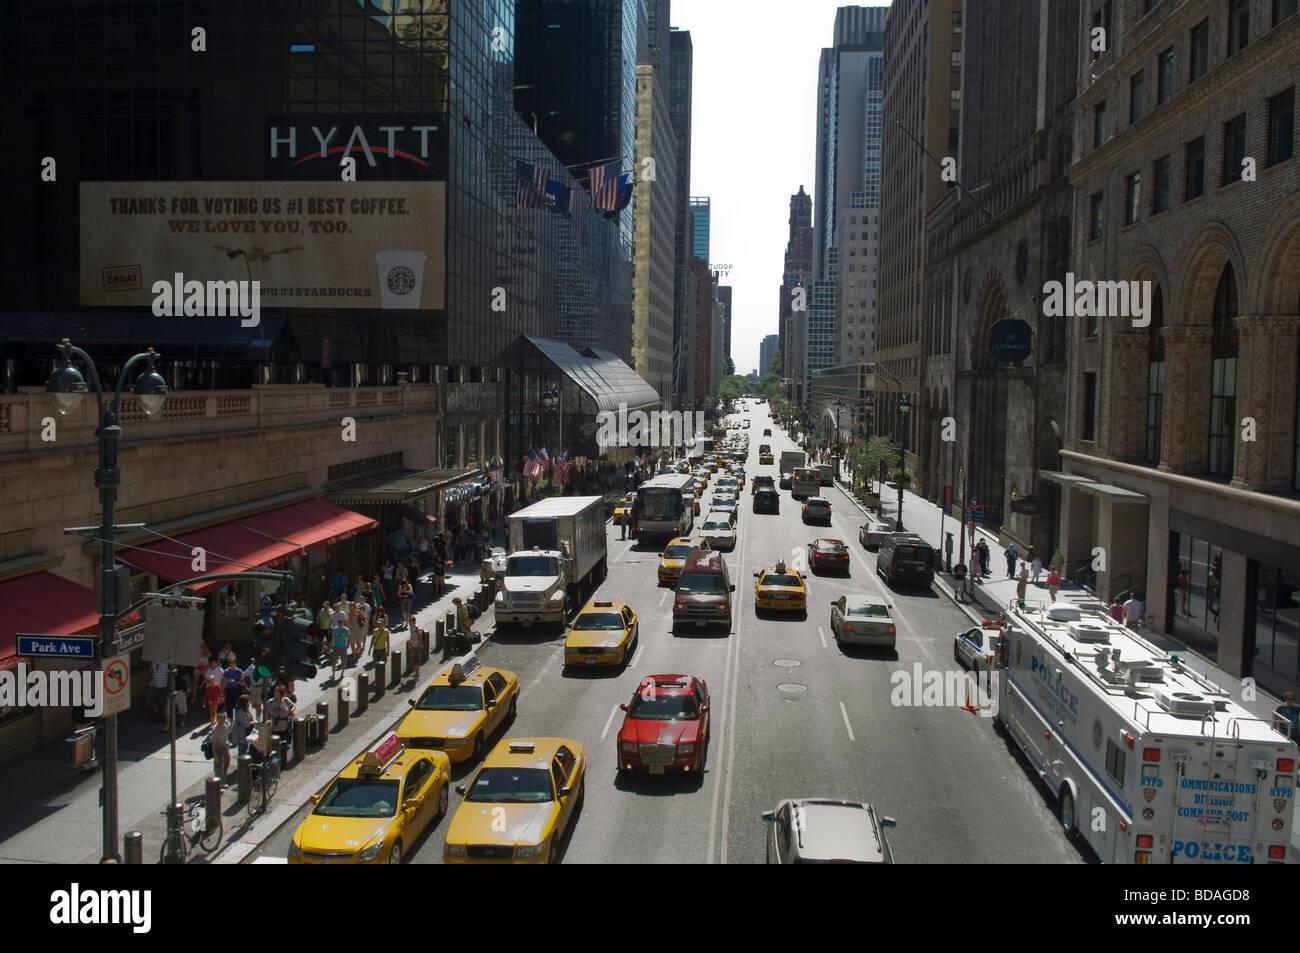 Traffic on E42 St and advertising for Starbucks outside the Grand Hyatt Hotel in New York - Stock Image